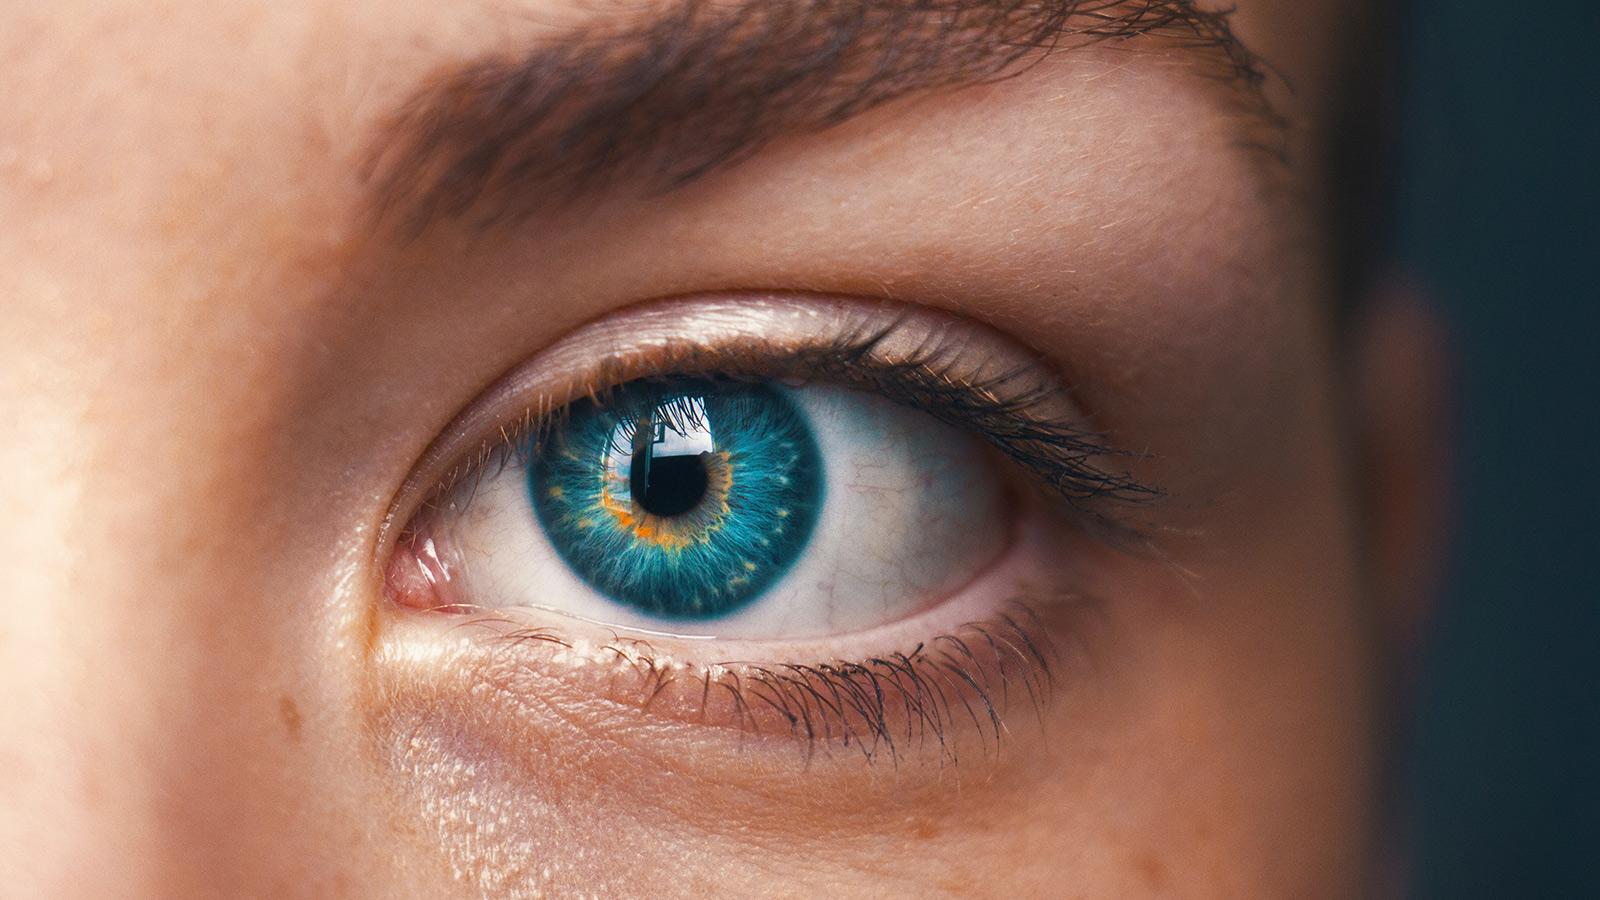 Estudio impacto visual y memoria imágenes estáticas VS imágenes 360